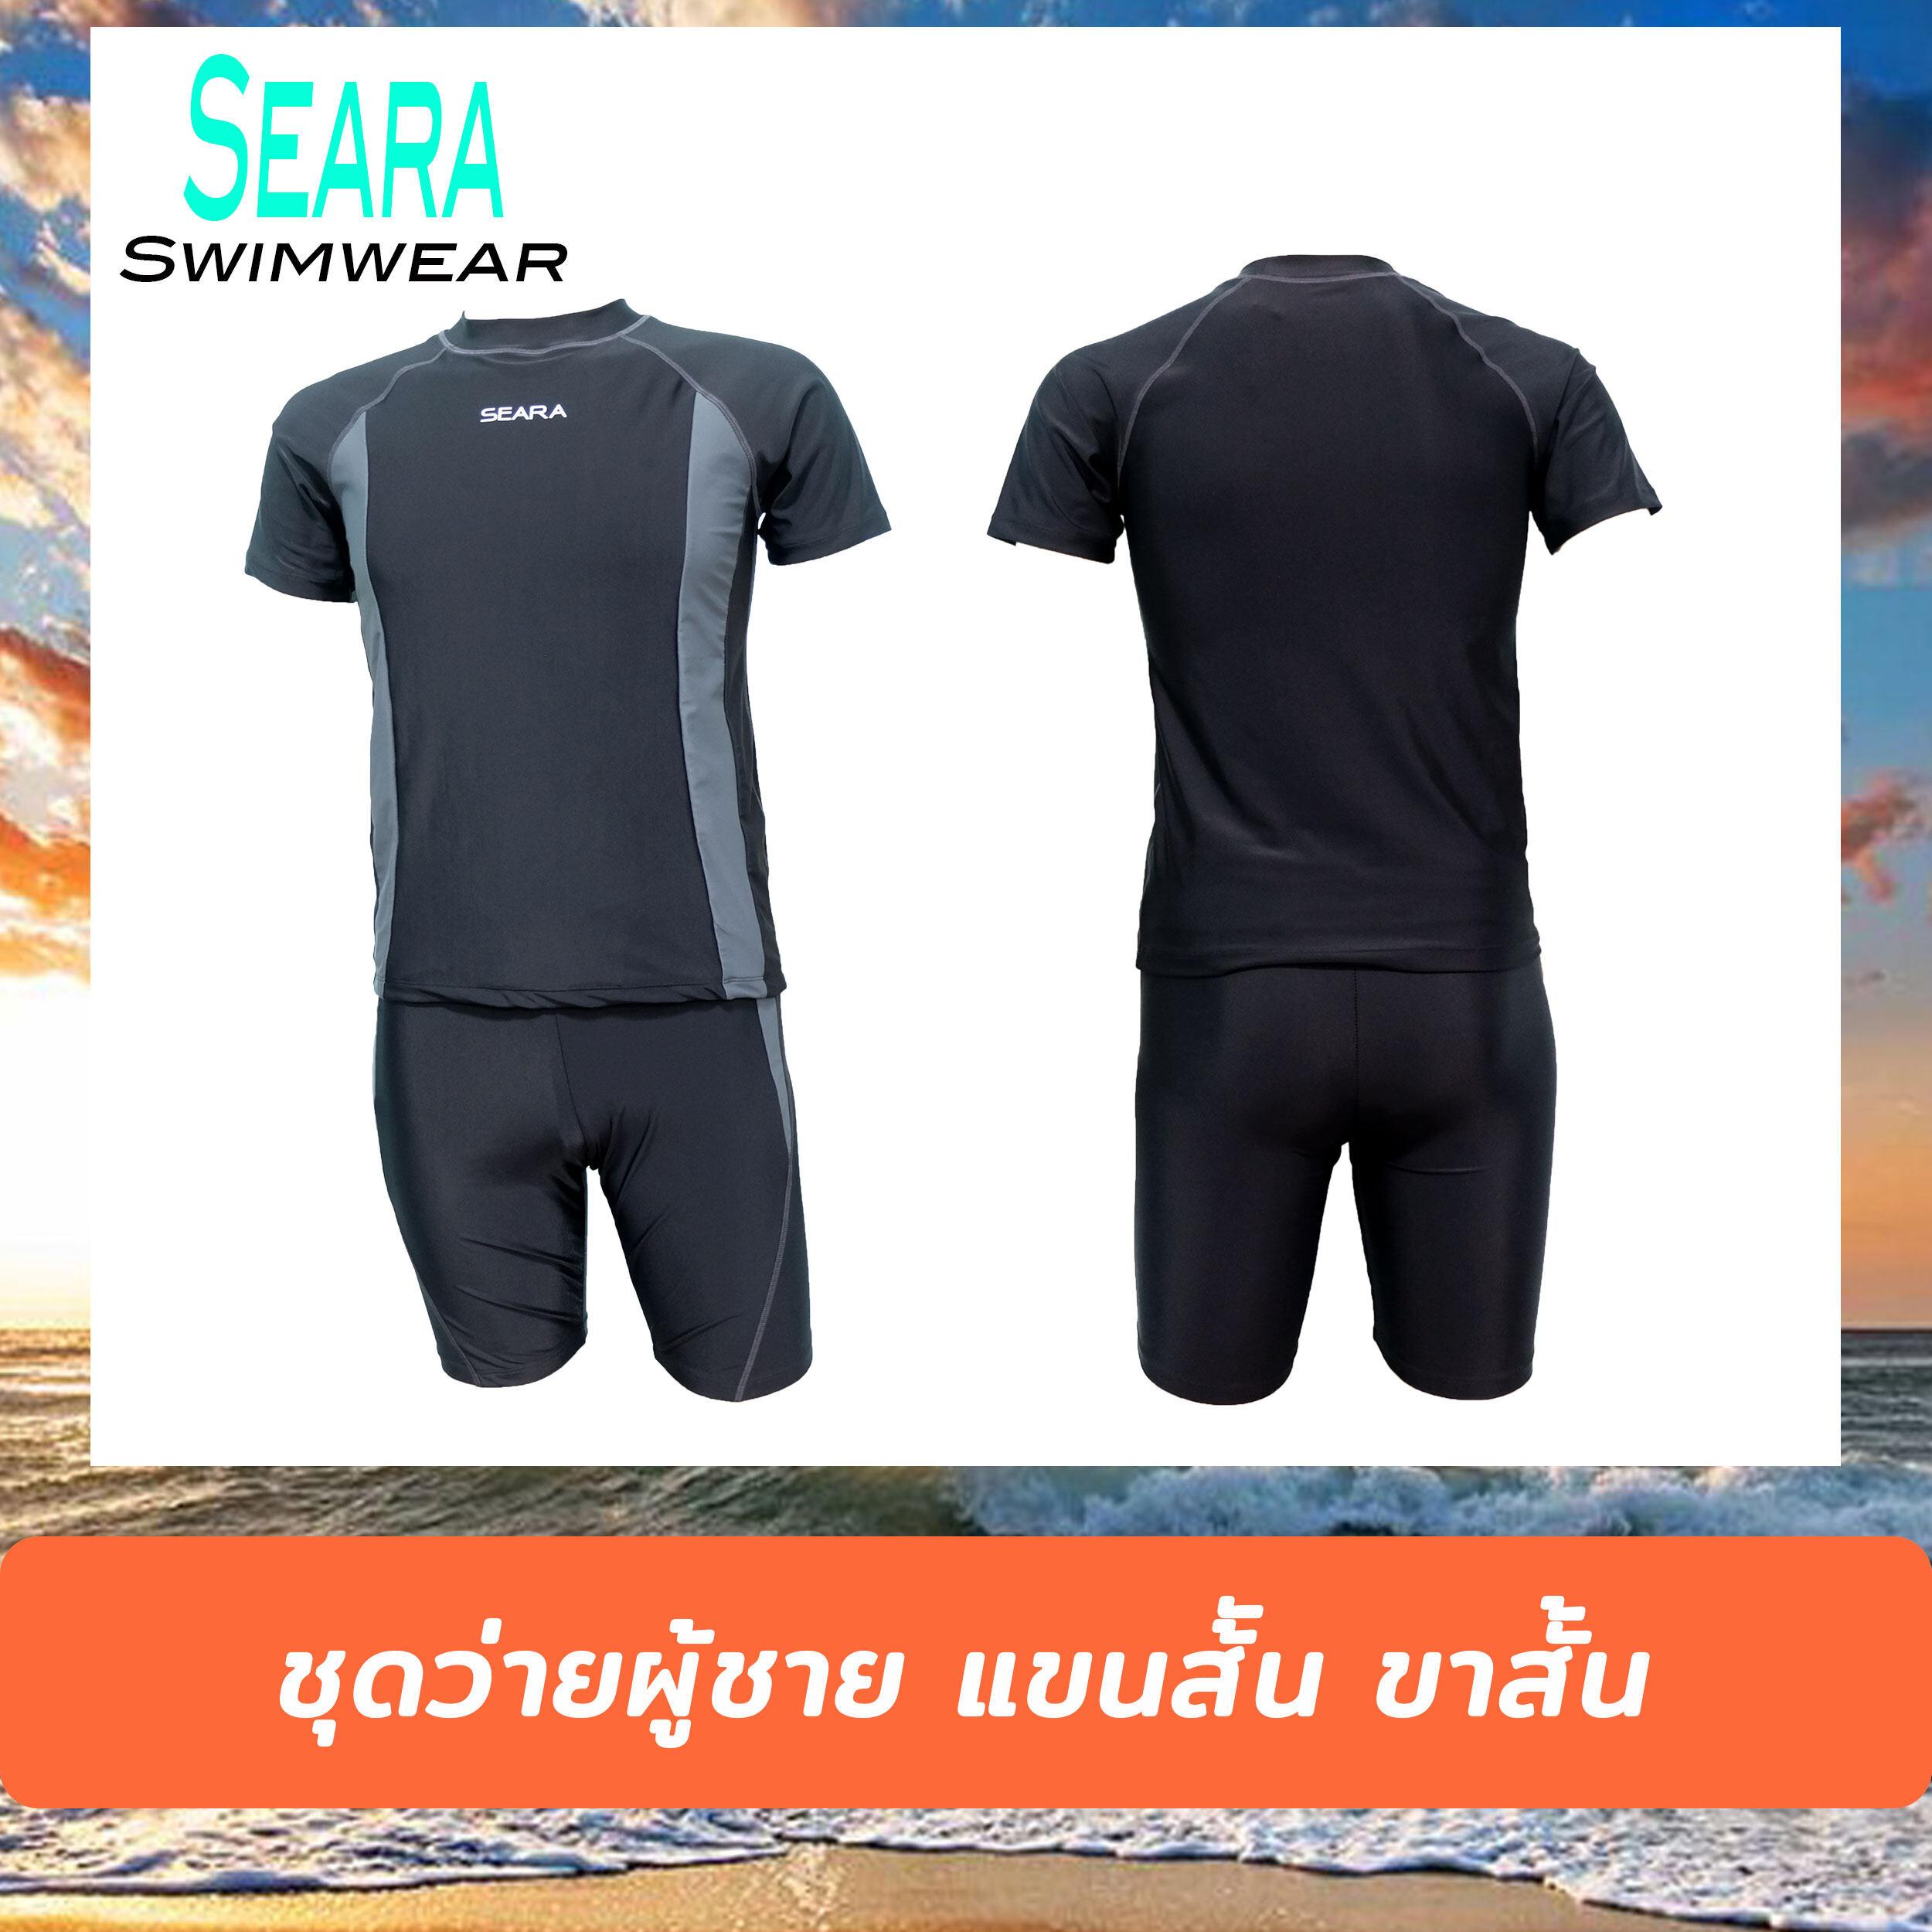 ชุดว่ายน้ำชาย Seara เสื้อแขนสั้น+กางเกงว่ายน้ำชาย สีเทา-ดำ Size M L Xl Xxl 3xl.